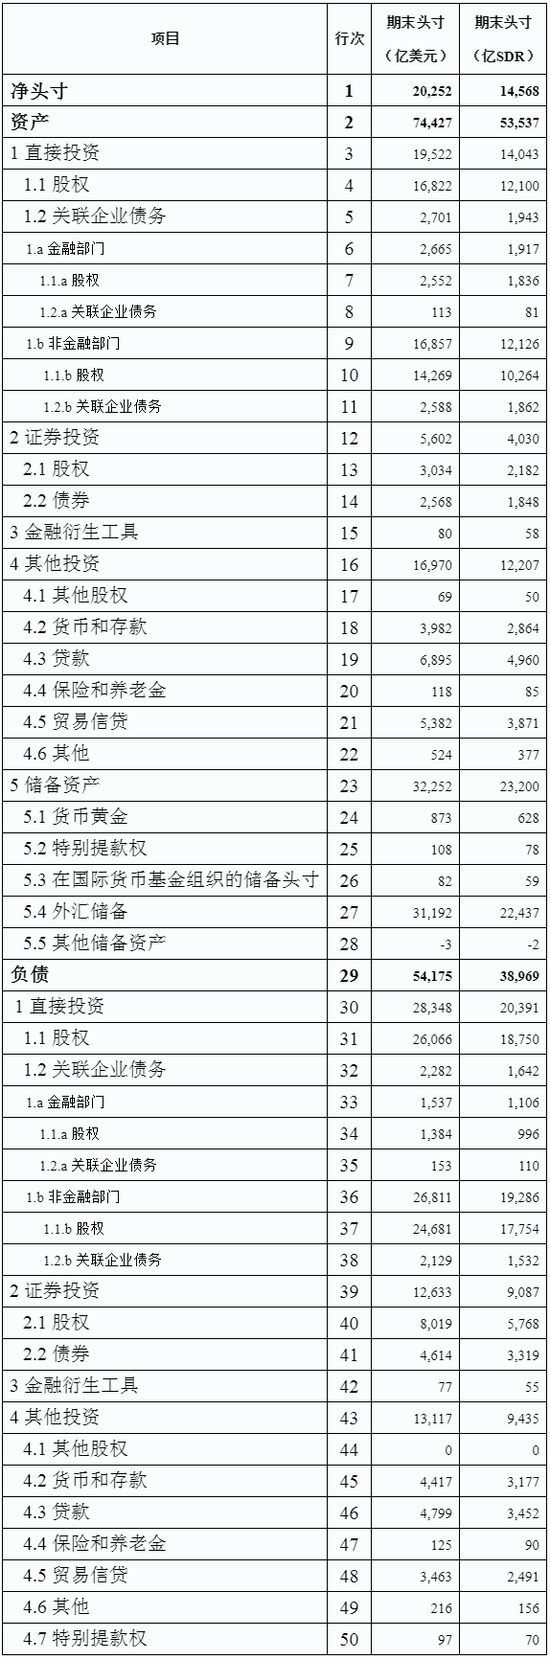 四川乐山10人恶势力案一审宣判 首犯获刑12年半